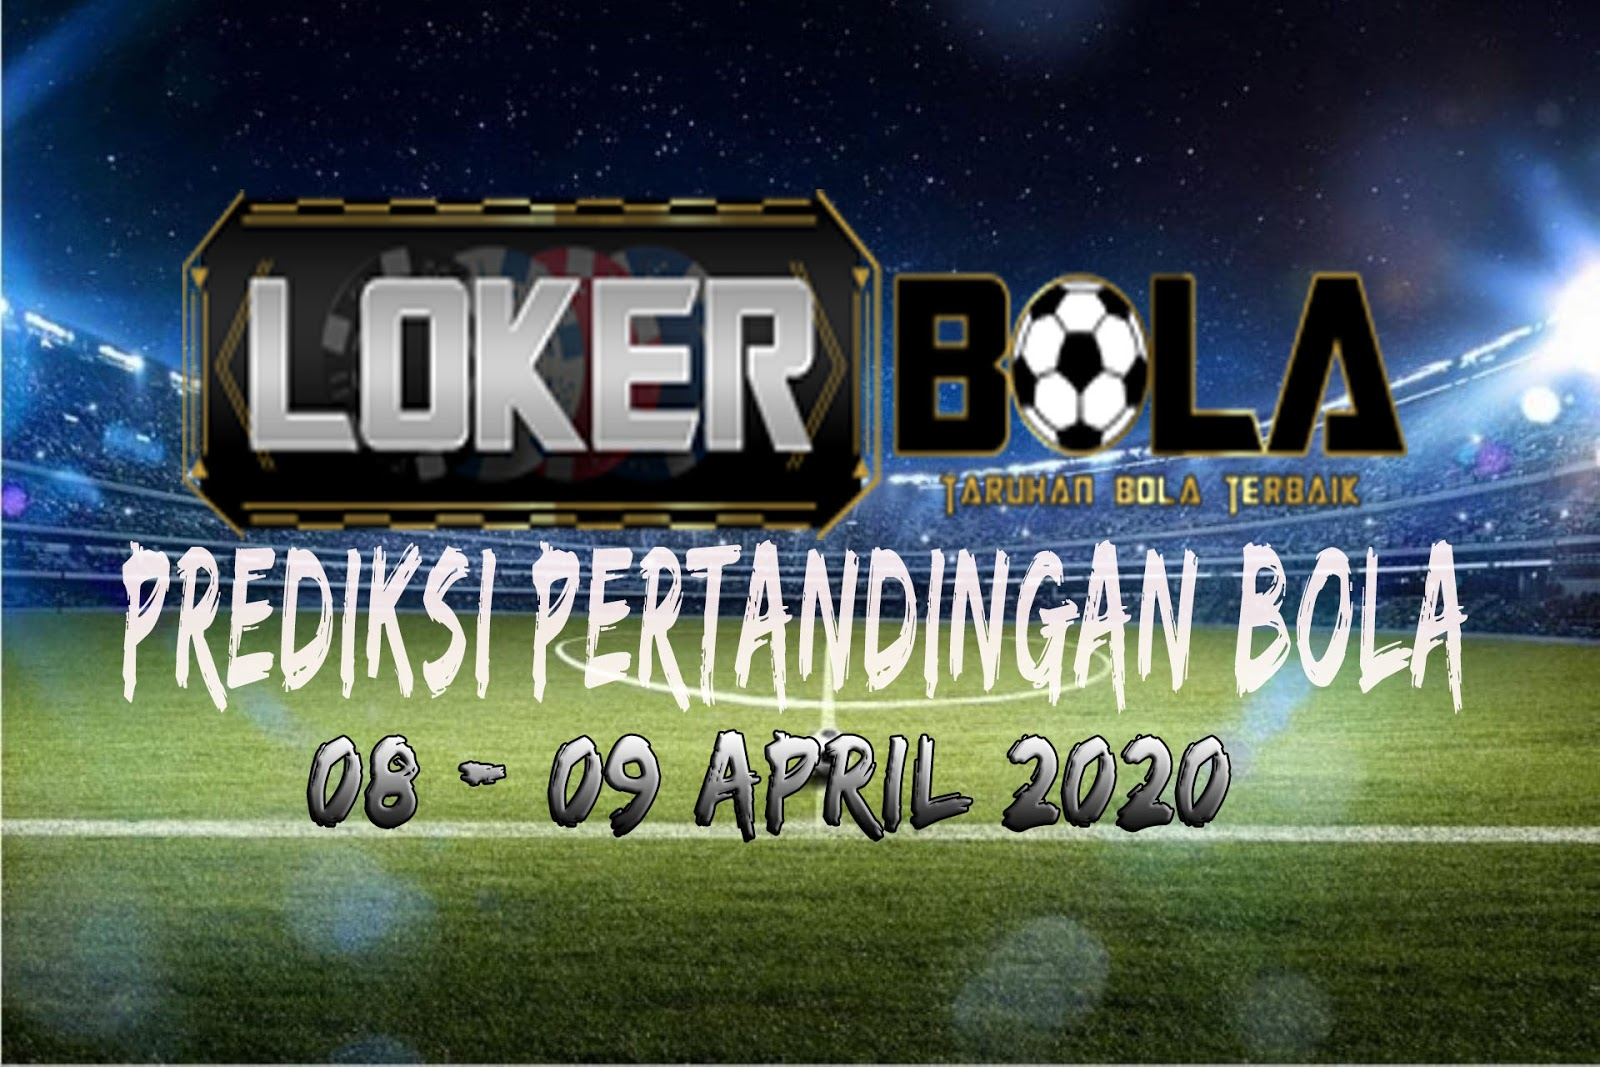 PREDIKSI PERTANDINGAN BOLA 08 – 09 APRIL 2020